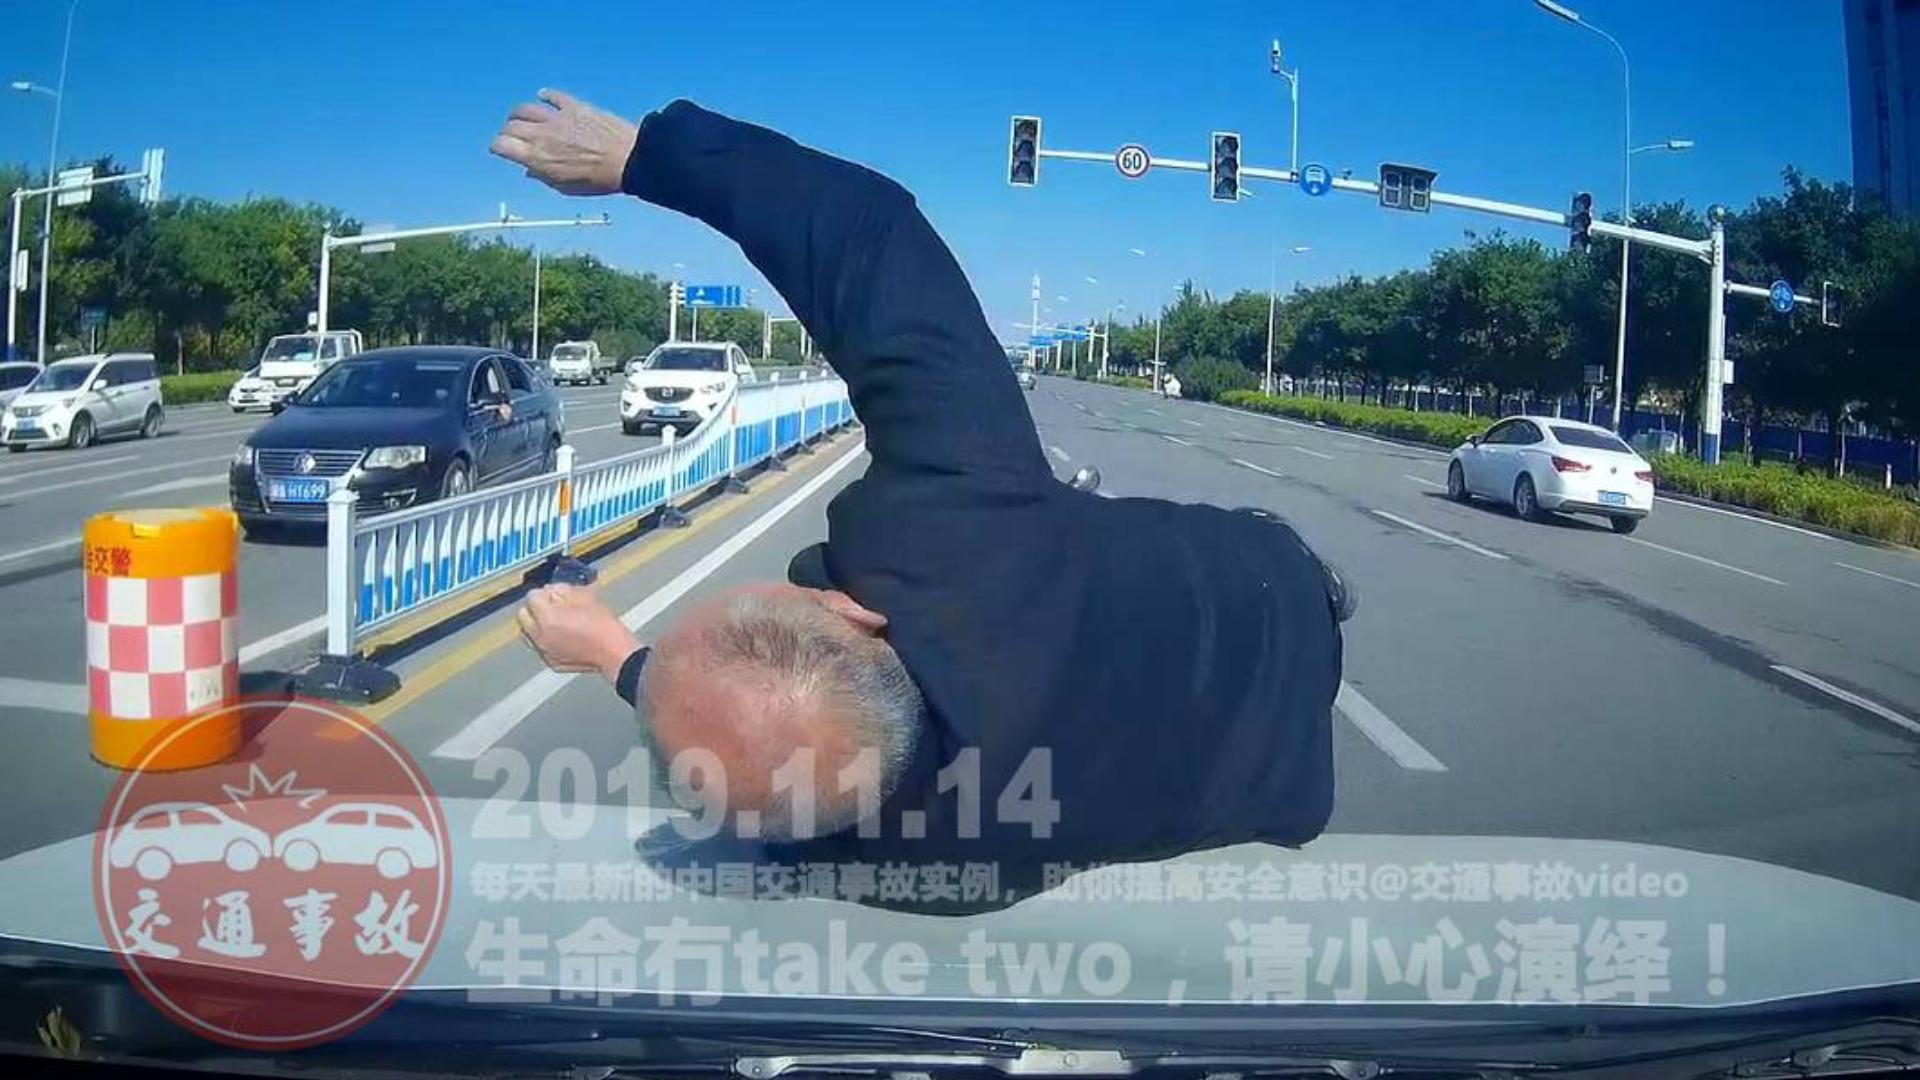 中国交通事故20191114:每天最新的车祸实例,助你提高安全意识